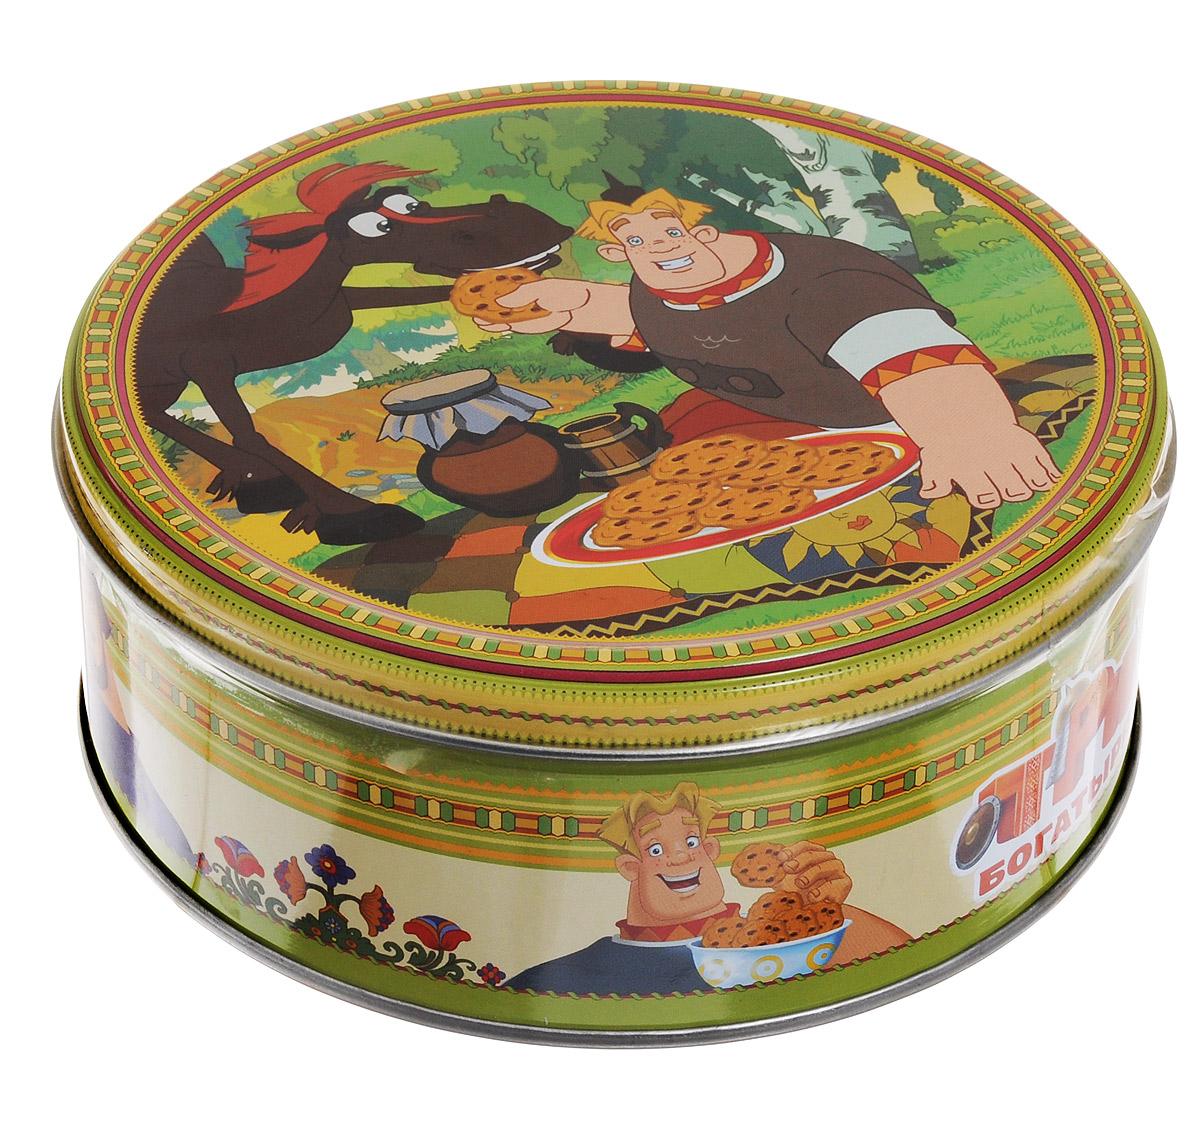 Три богатыря Юлий печенье сдобное с кусочками шоколада, 150 г4600416016891_коньТри богатыря - 100% сдобное печенье с кусочками шоколада. Печенье упаковано в металлическую банку с изображением героев мультфильма Три богатыря. Такое печенье станет оригинальным подарком.